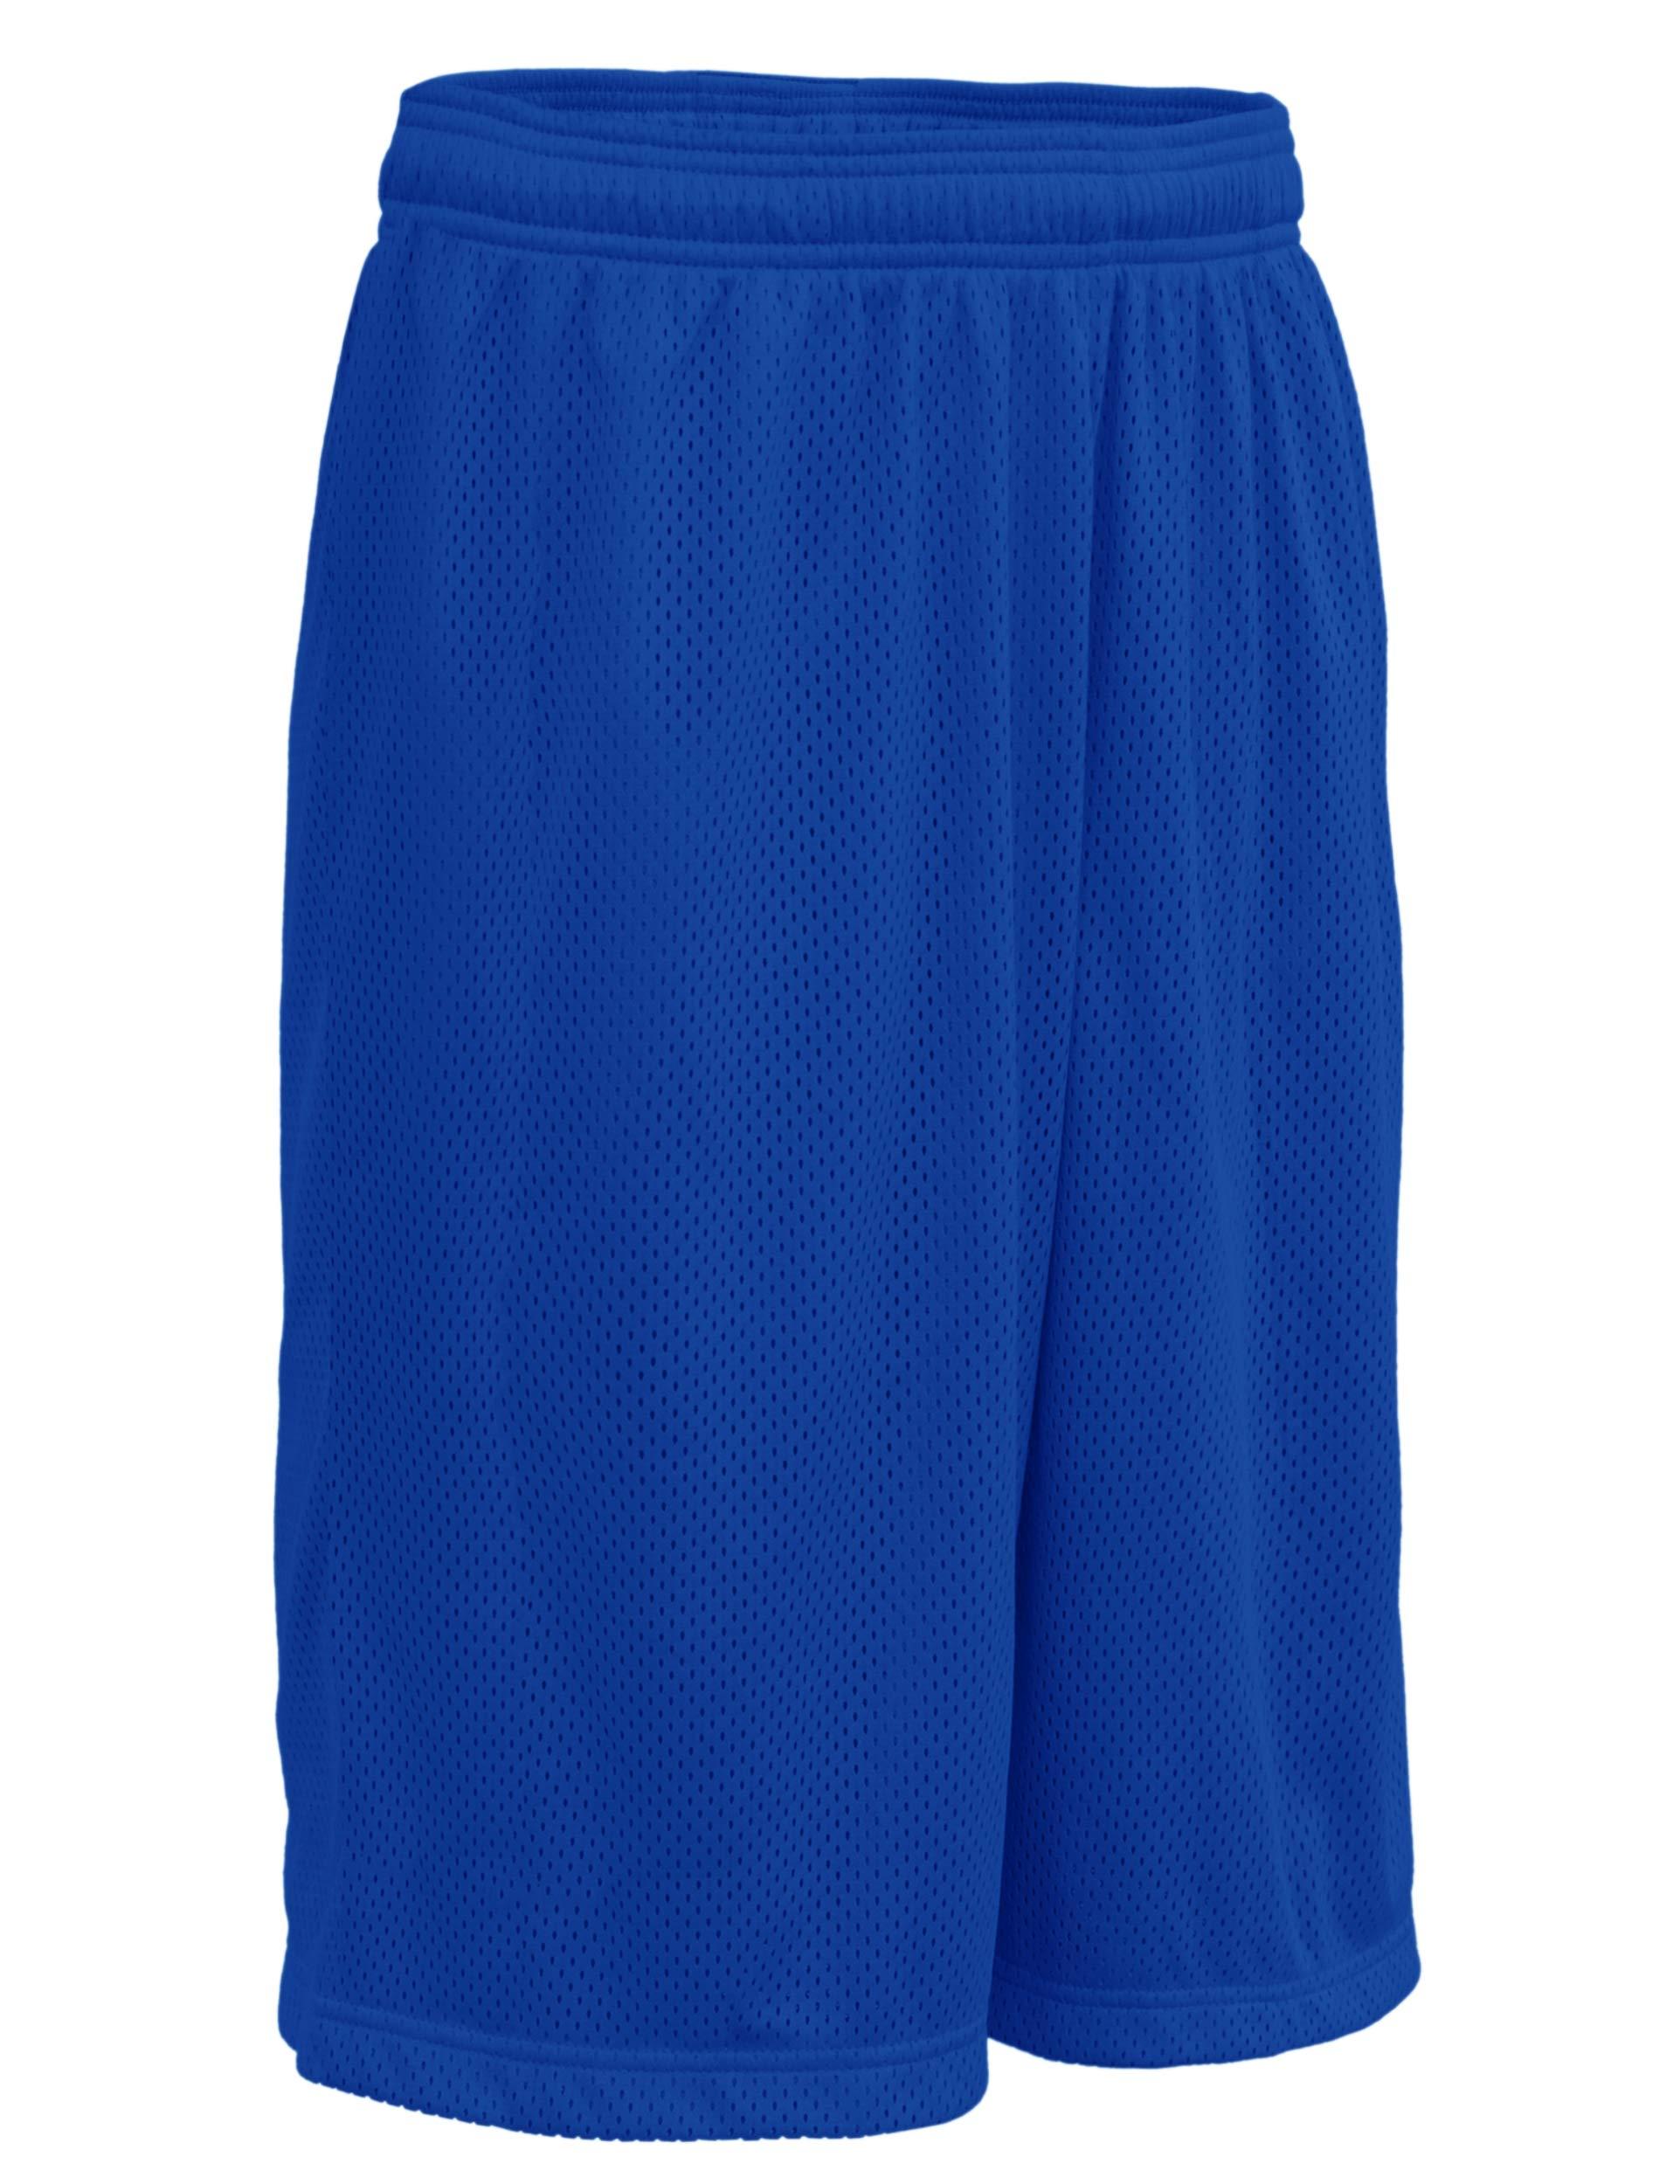 ViiViiKay Men's Athletic Basketball Shorts - Mesh Workout Gym Shorts with Pocket MESH_Royal 3XL